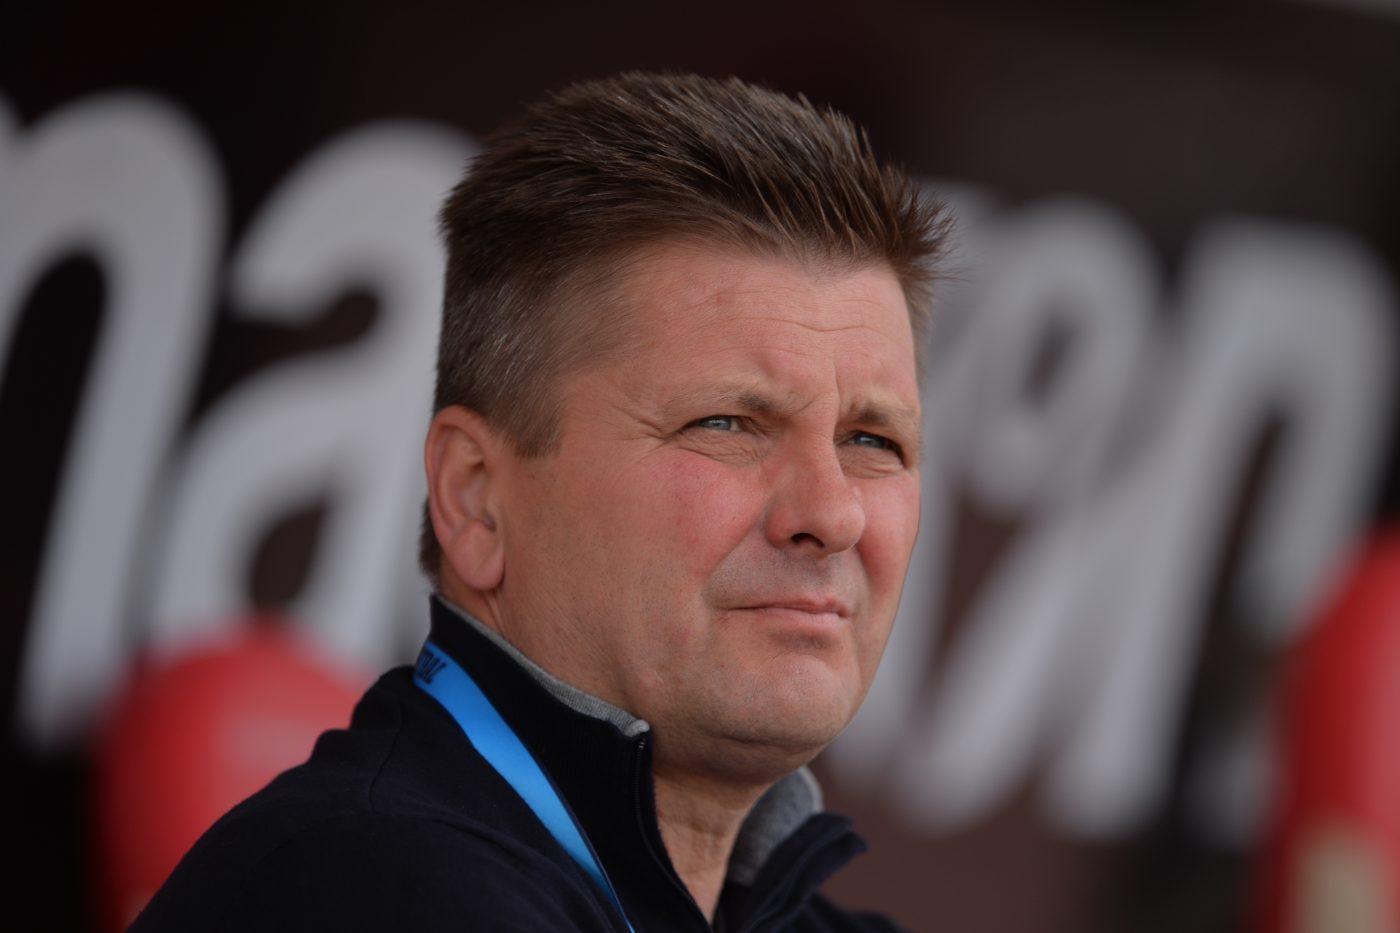 """Dinamo riscă să rămână fără antrenor! Anunțul apocaliptic făcut de DDB: """"Urmează o perioadă cu turbulențe majore!"""""""